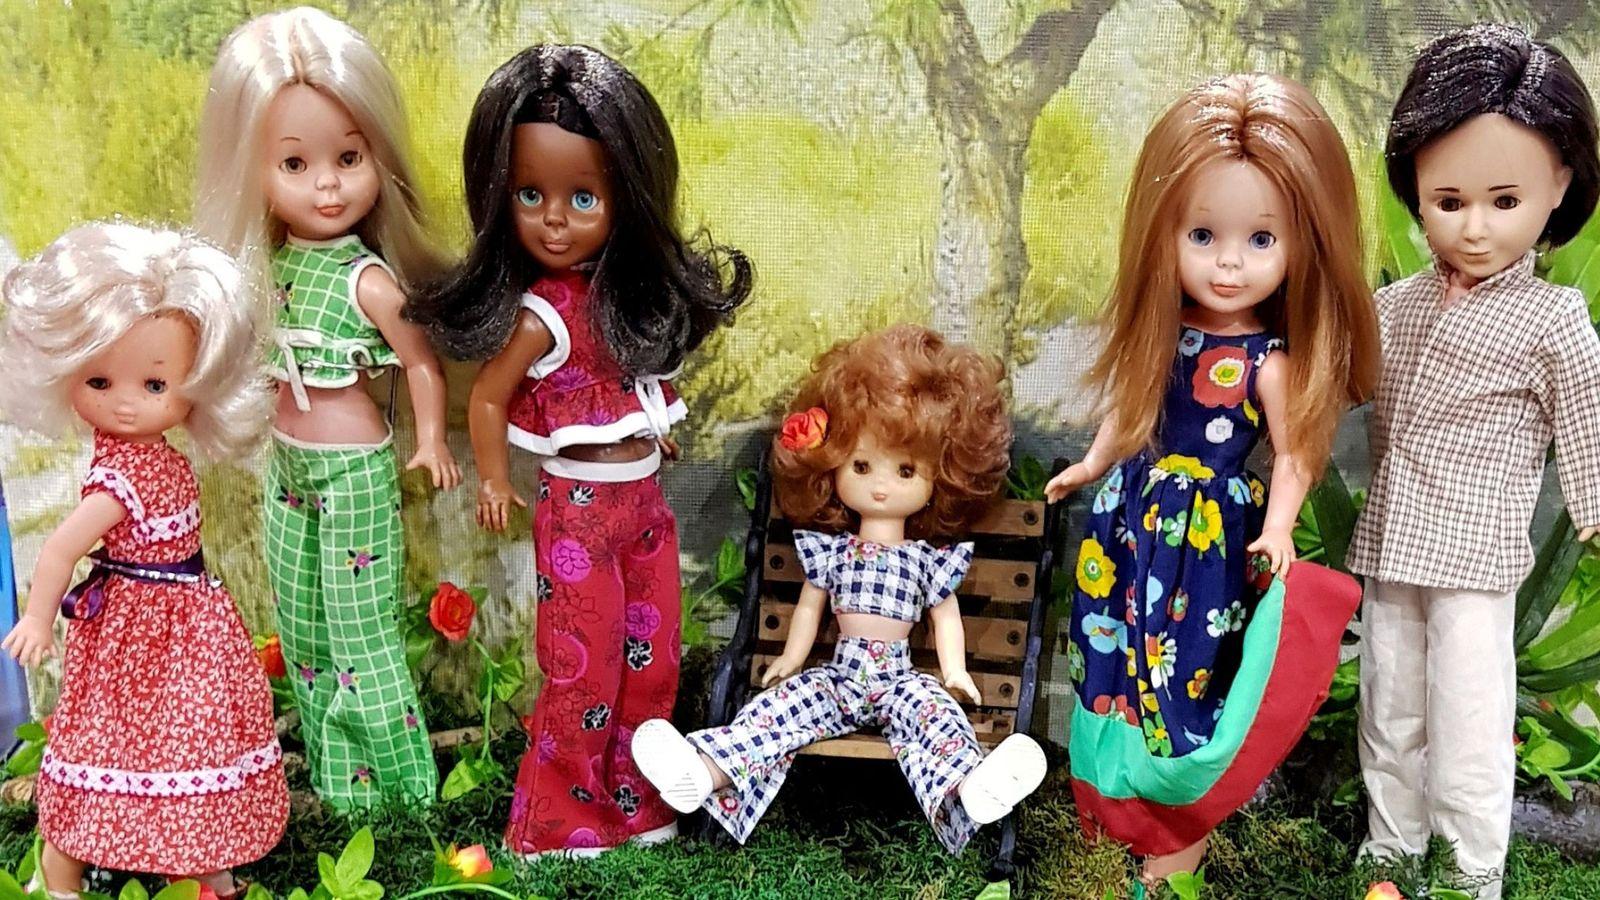 Foto: Nancy es una de las marcas de la juguetera Famosa. (EFE)